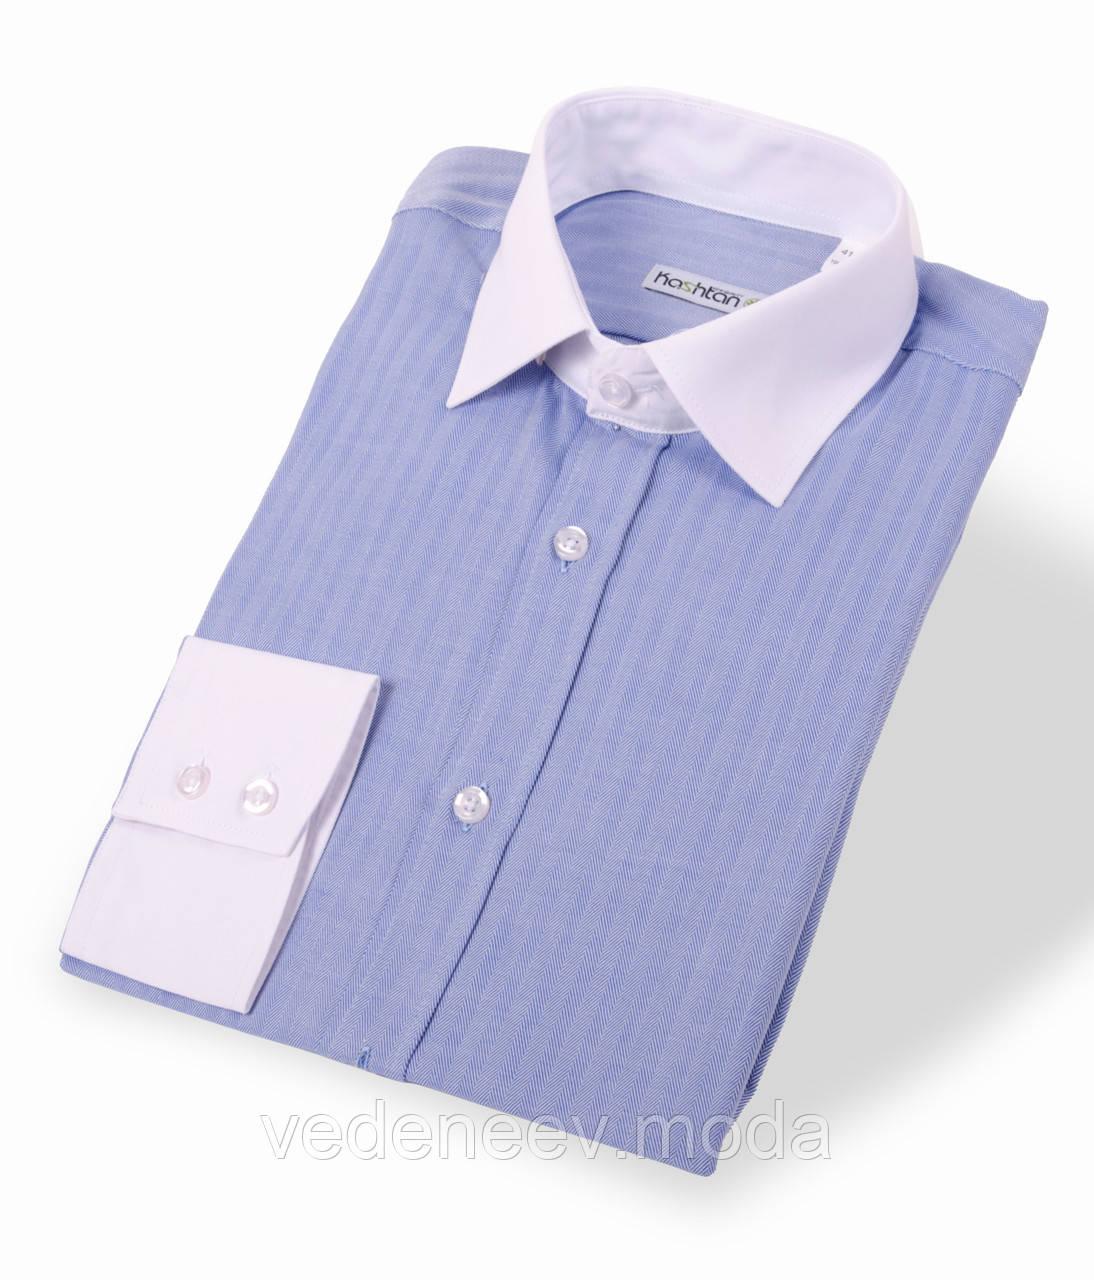 Мужская комбинированная приталенная рубашка голубого цвета с белым воротником и манжетами